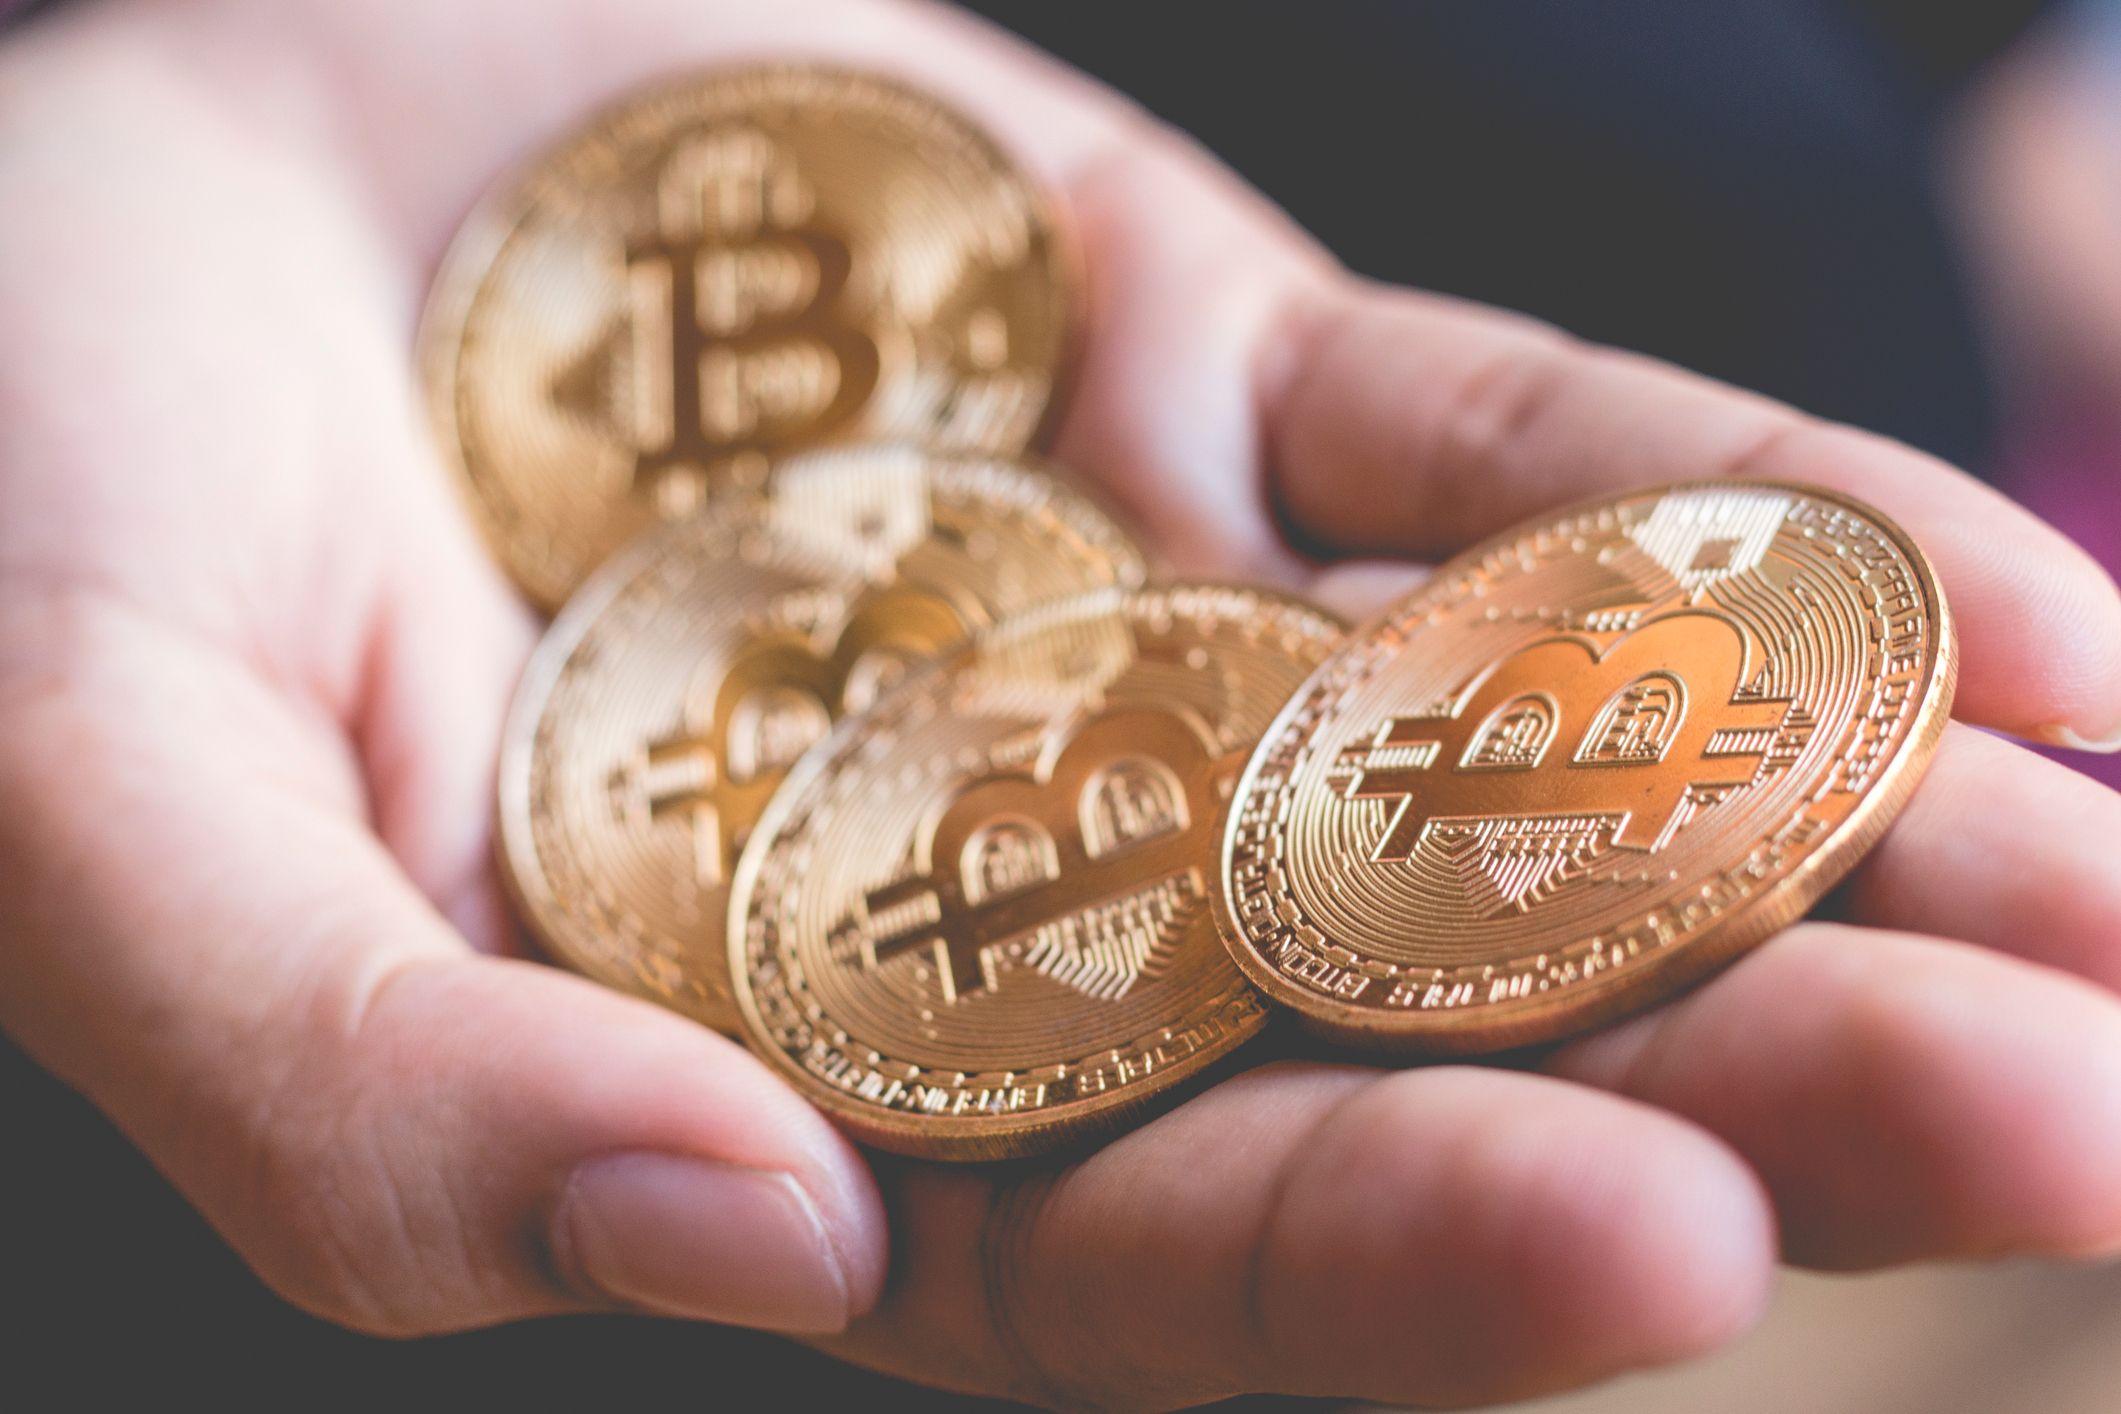 Tiende verjaardag van de bitcoin - Hoeveel had je kunnen verdienen aan deze cryptomunt?